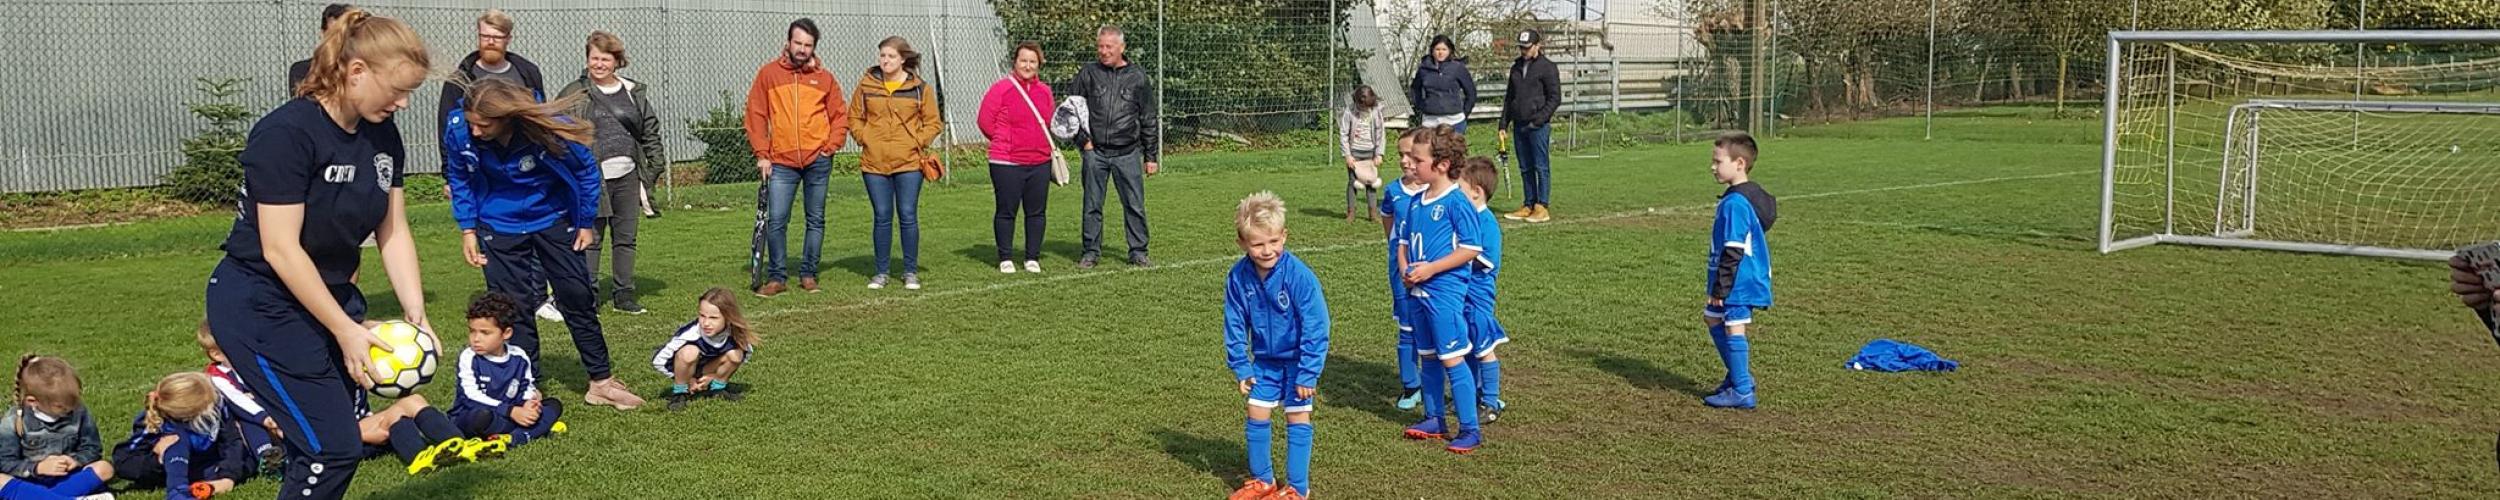 U6 : Schoonaarde vs VKS Hamme-Zogge